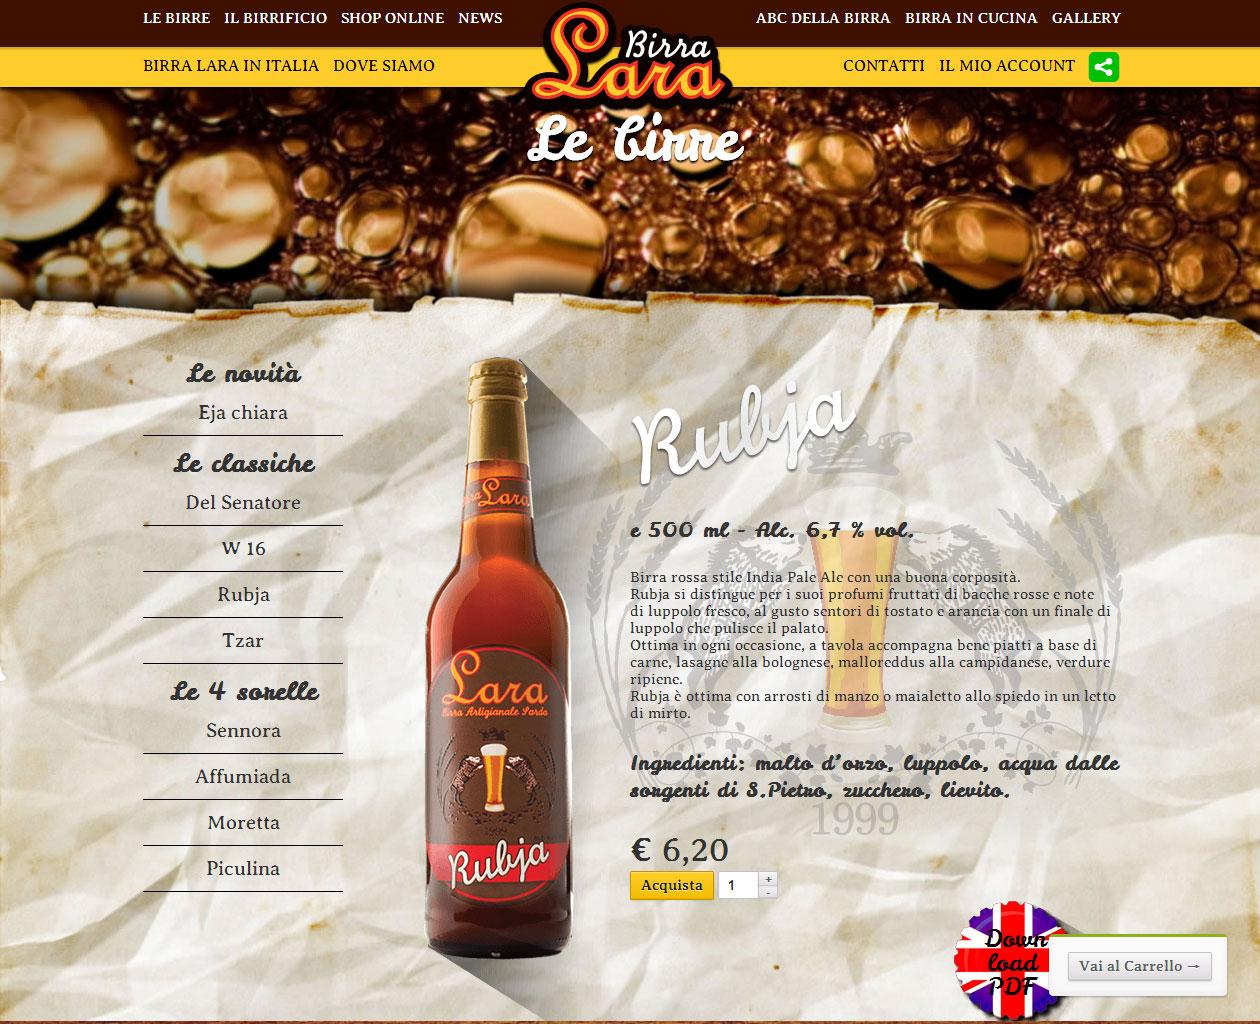 Birrificio artigianale LARA, shop online birra